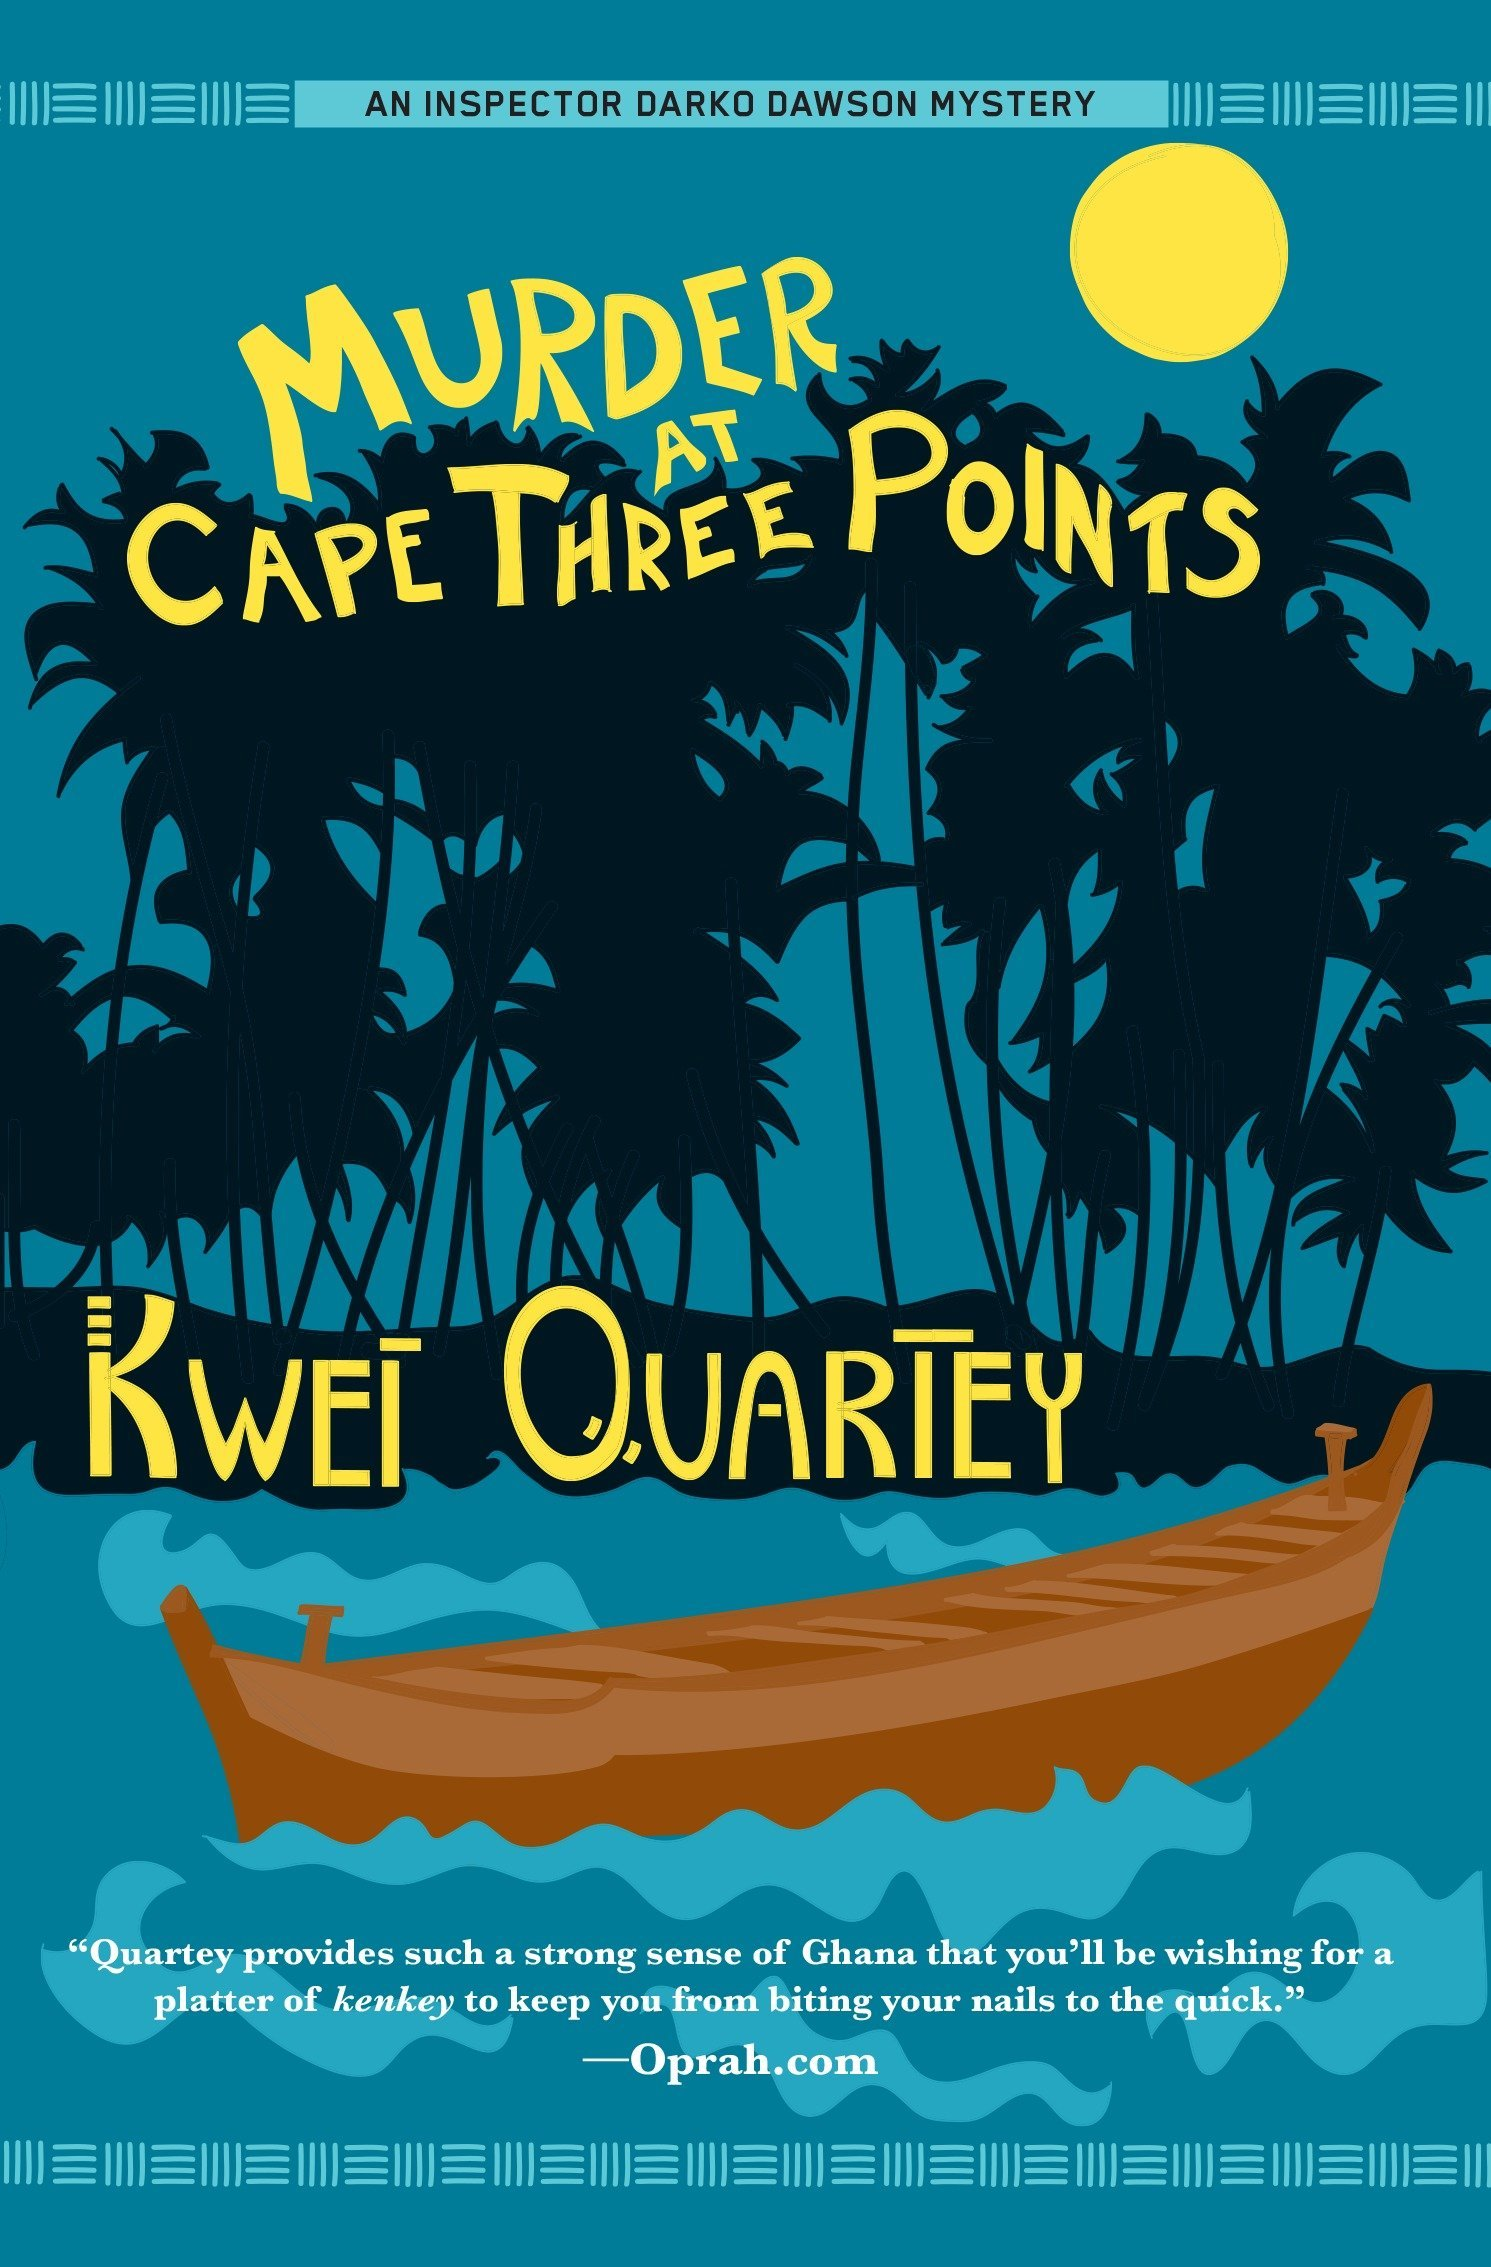 Murder at Cape Three Points (A Darko Dawson Mystery, Band 3)